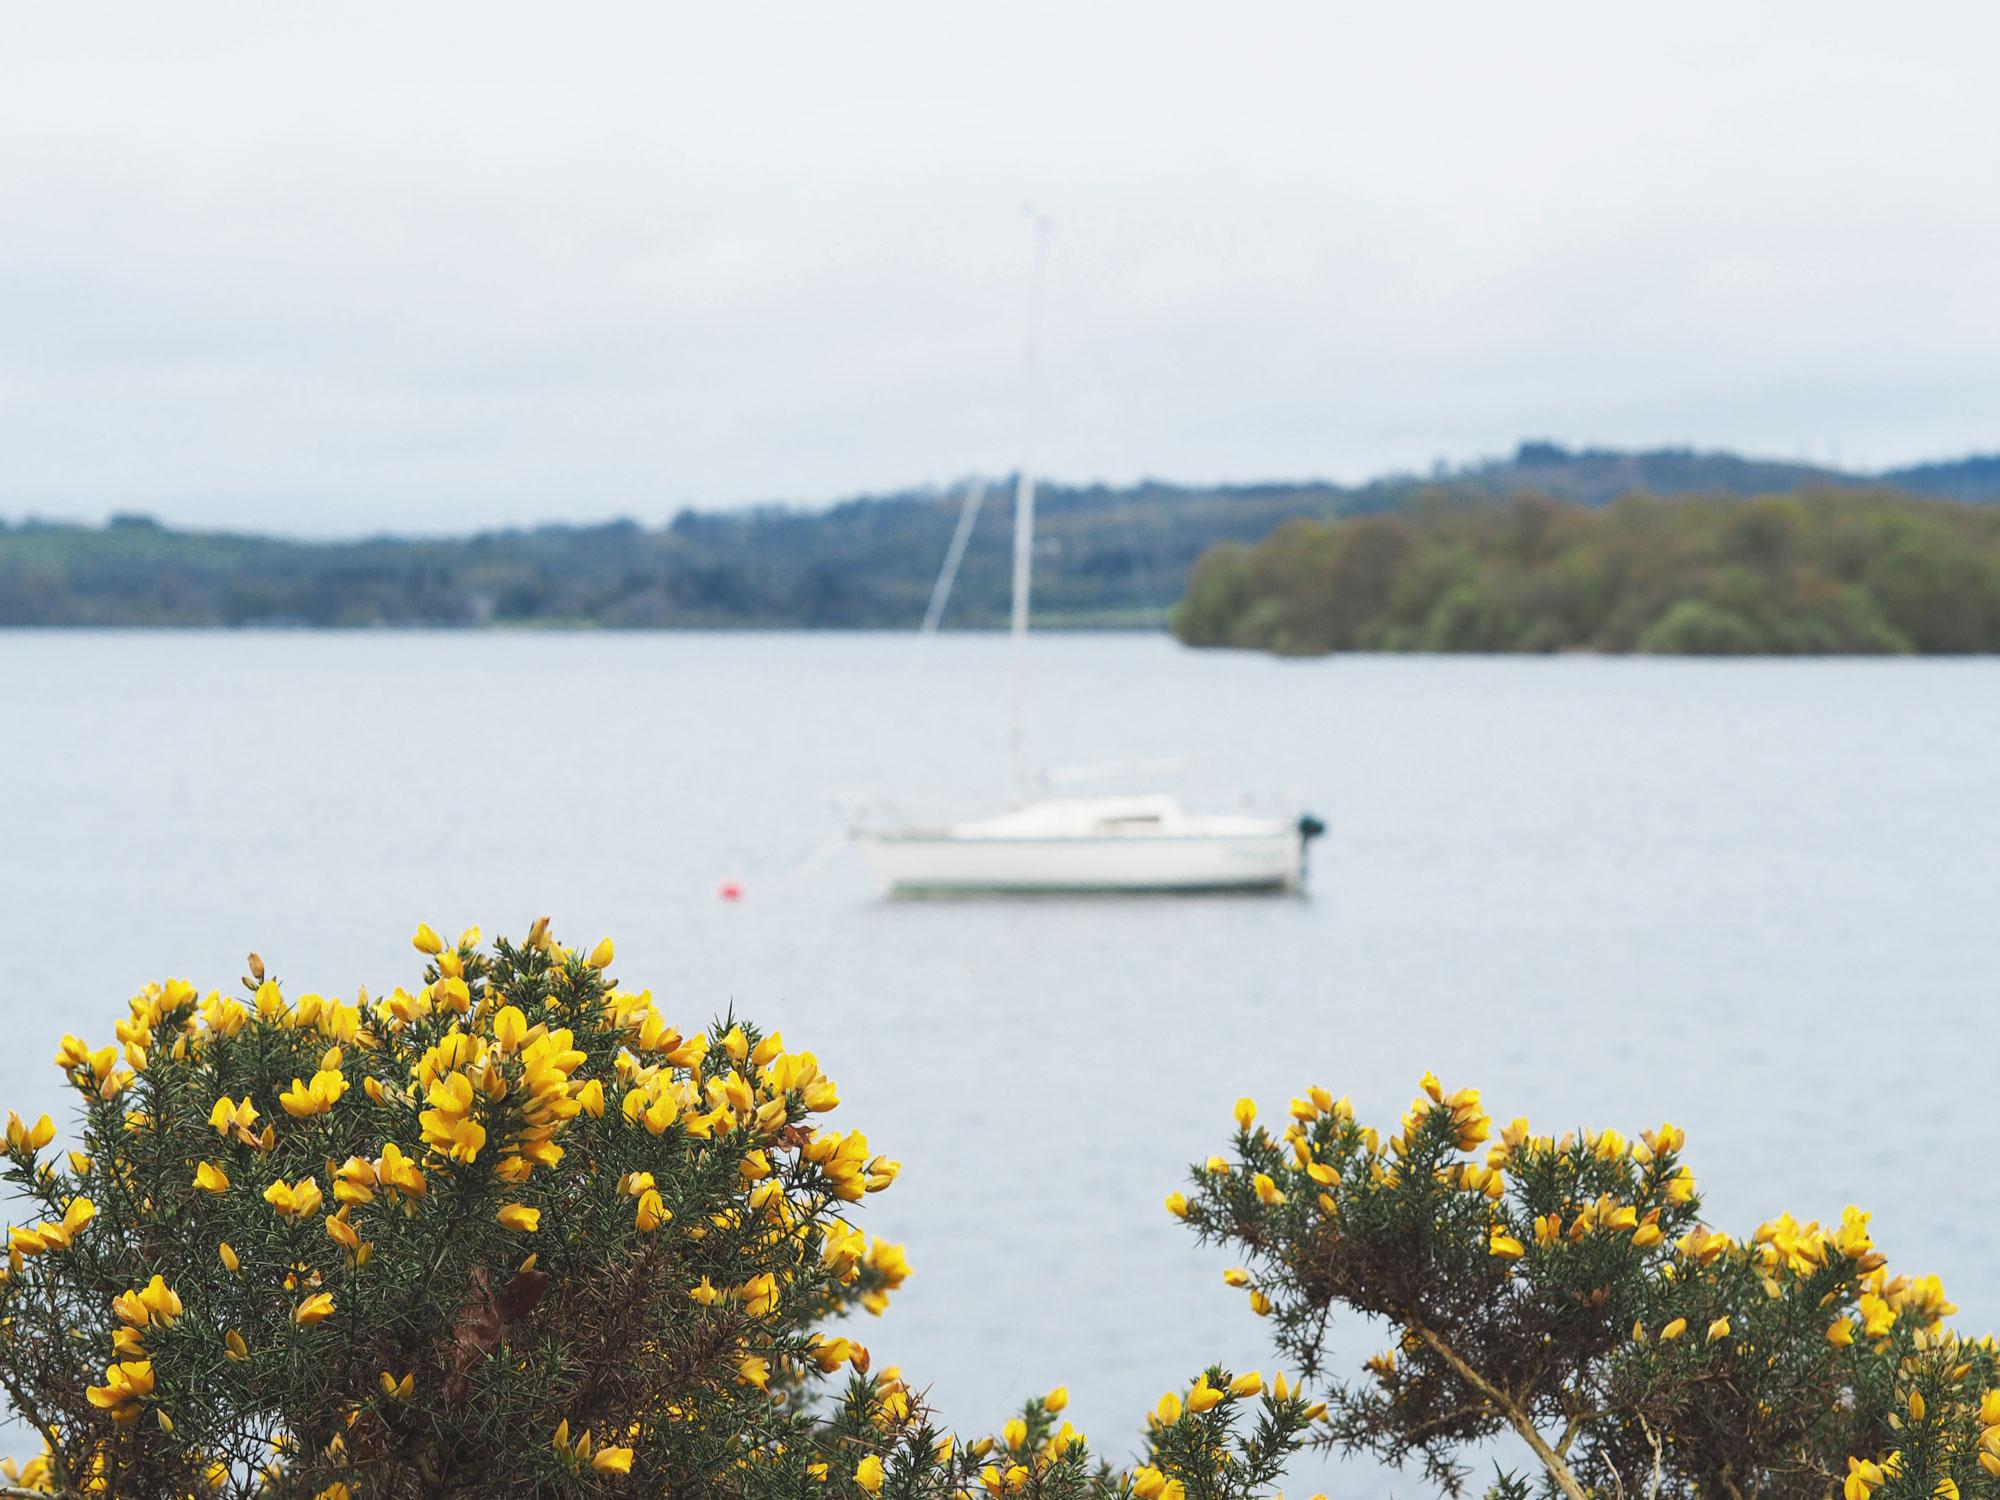 Tippy.fr - Road trip en Écosse #2 : Loch Lomond